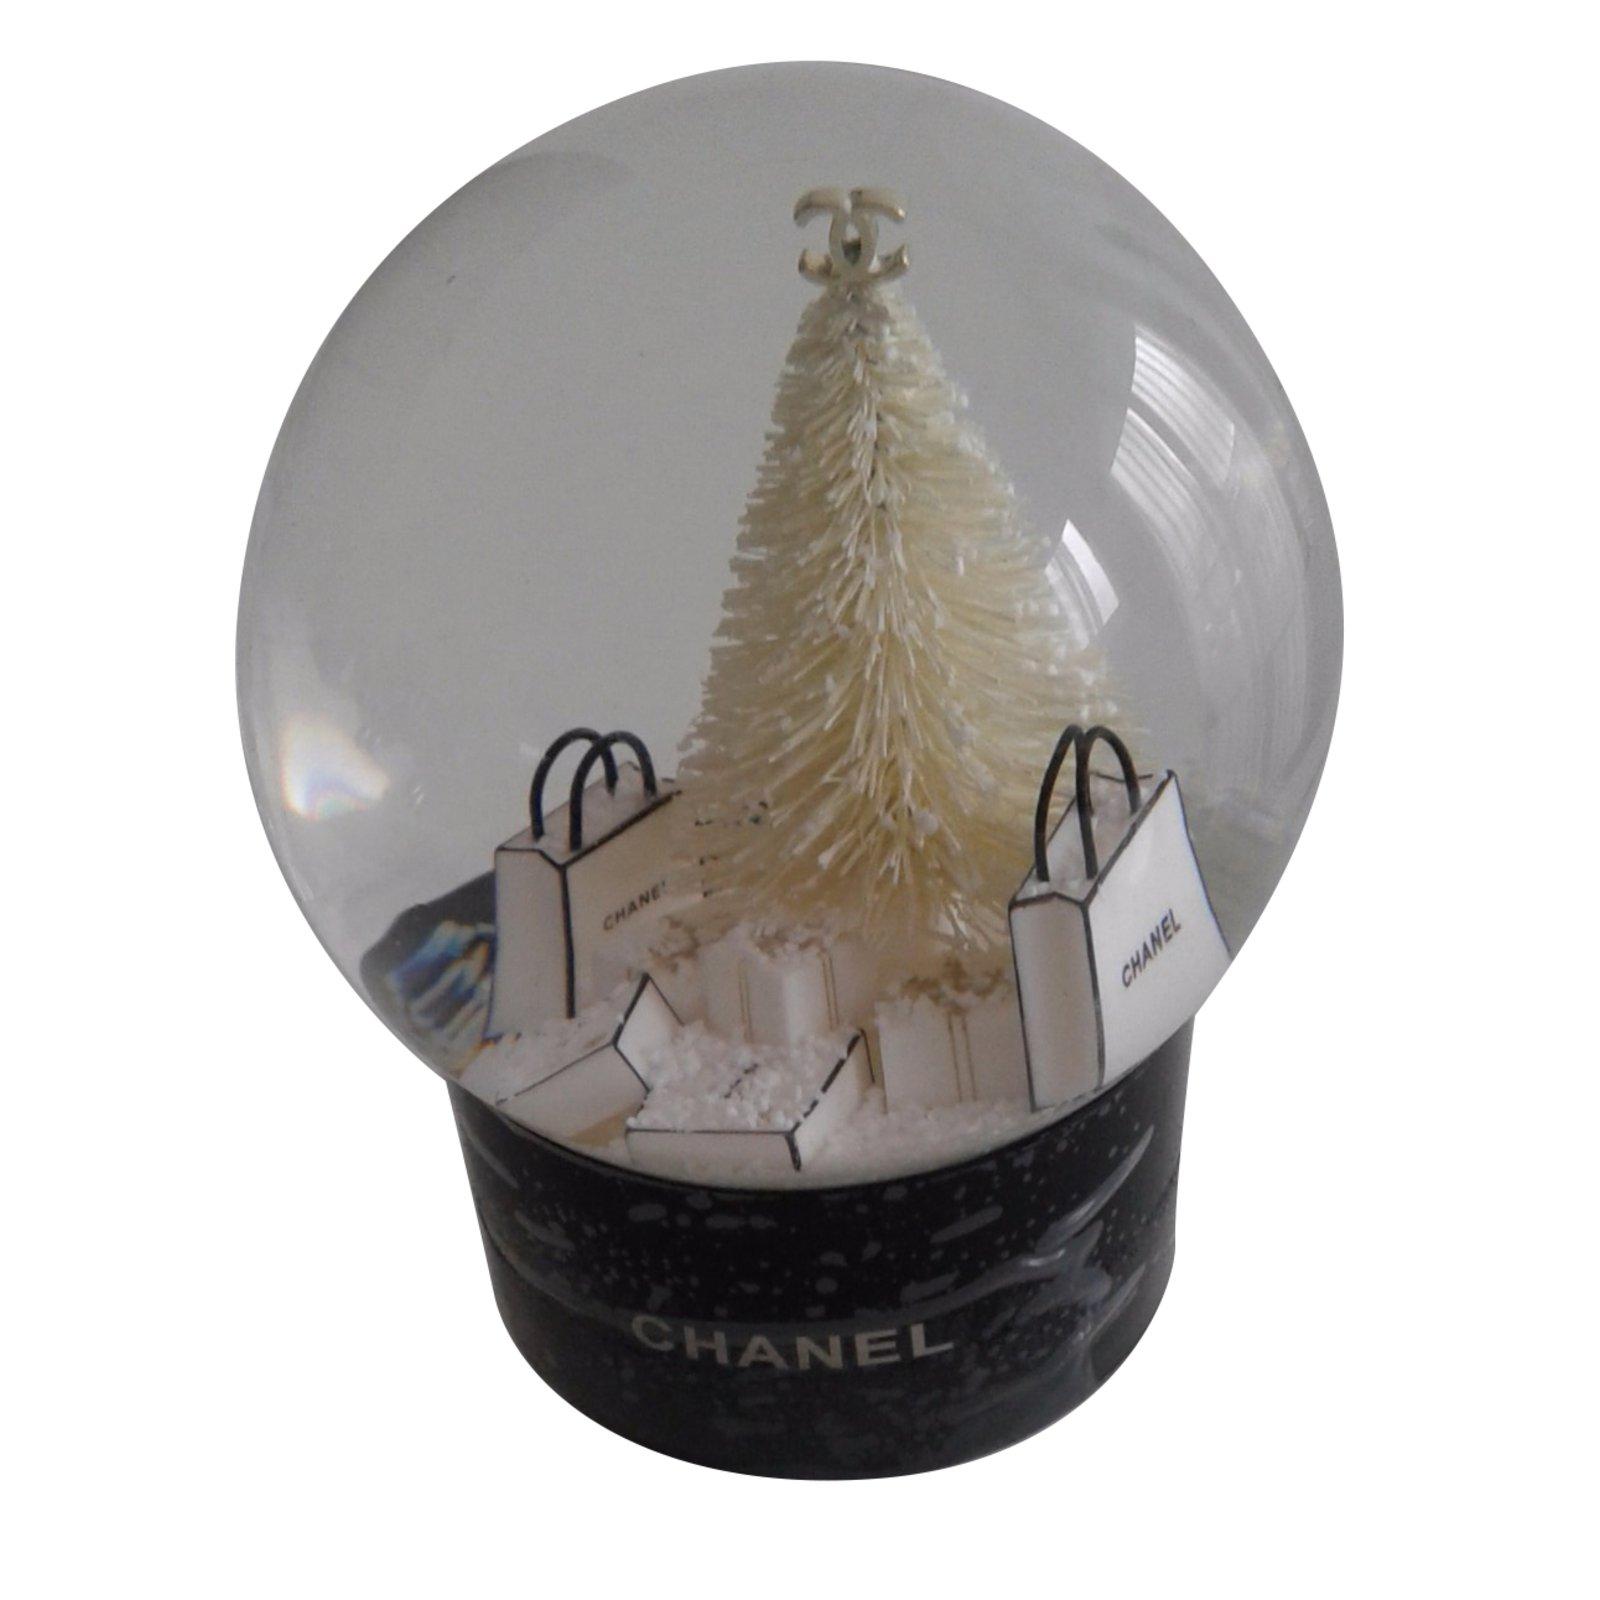 cadeaux vip chanel boule neige autre noir joli closet. Black Bedroom Furniture Sets. Home Design Ideas